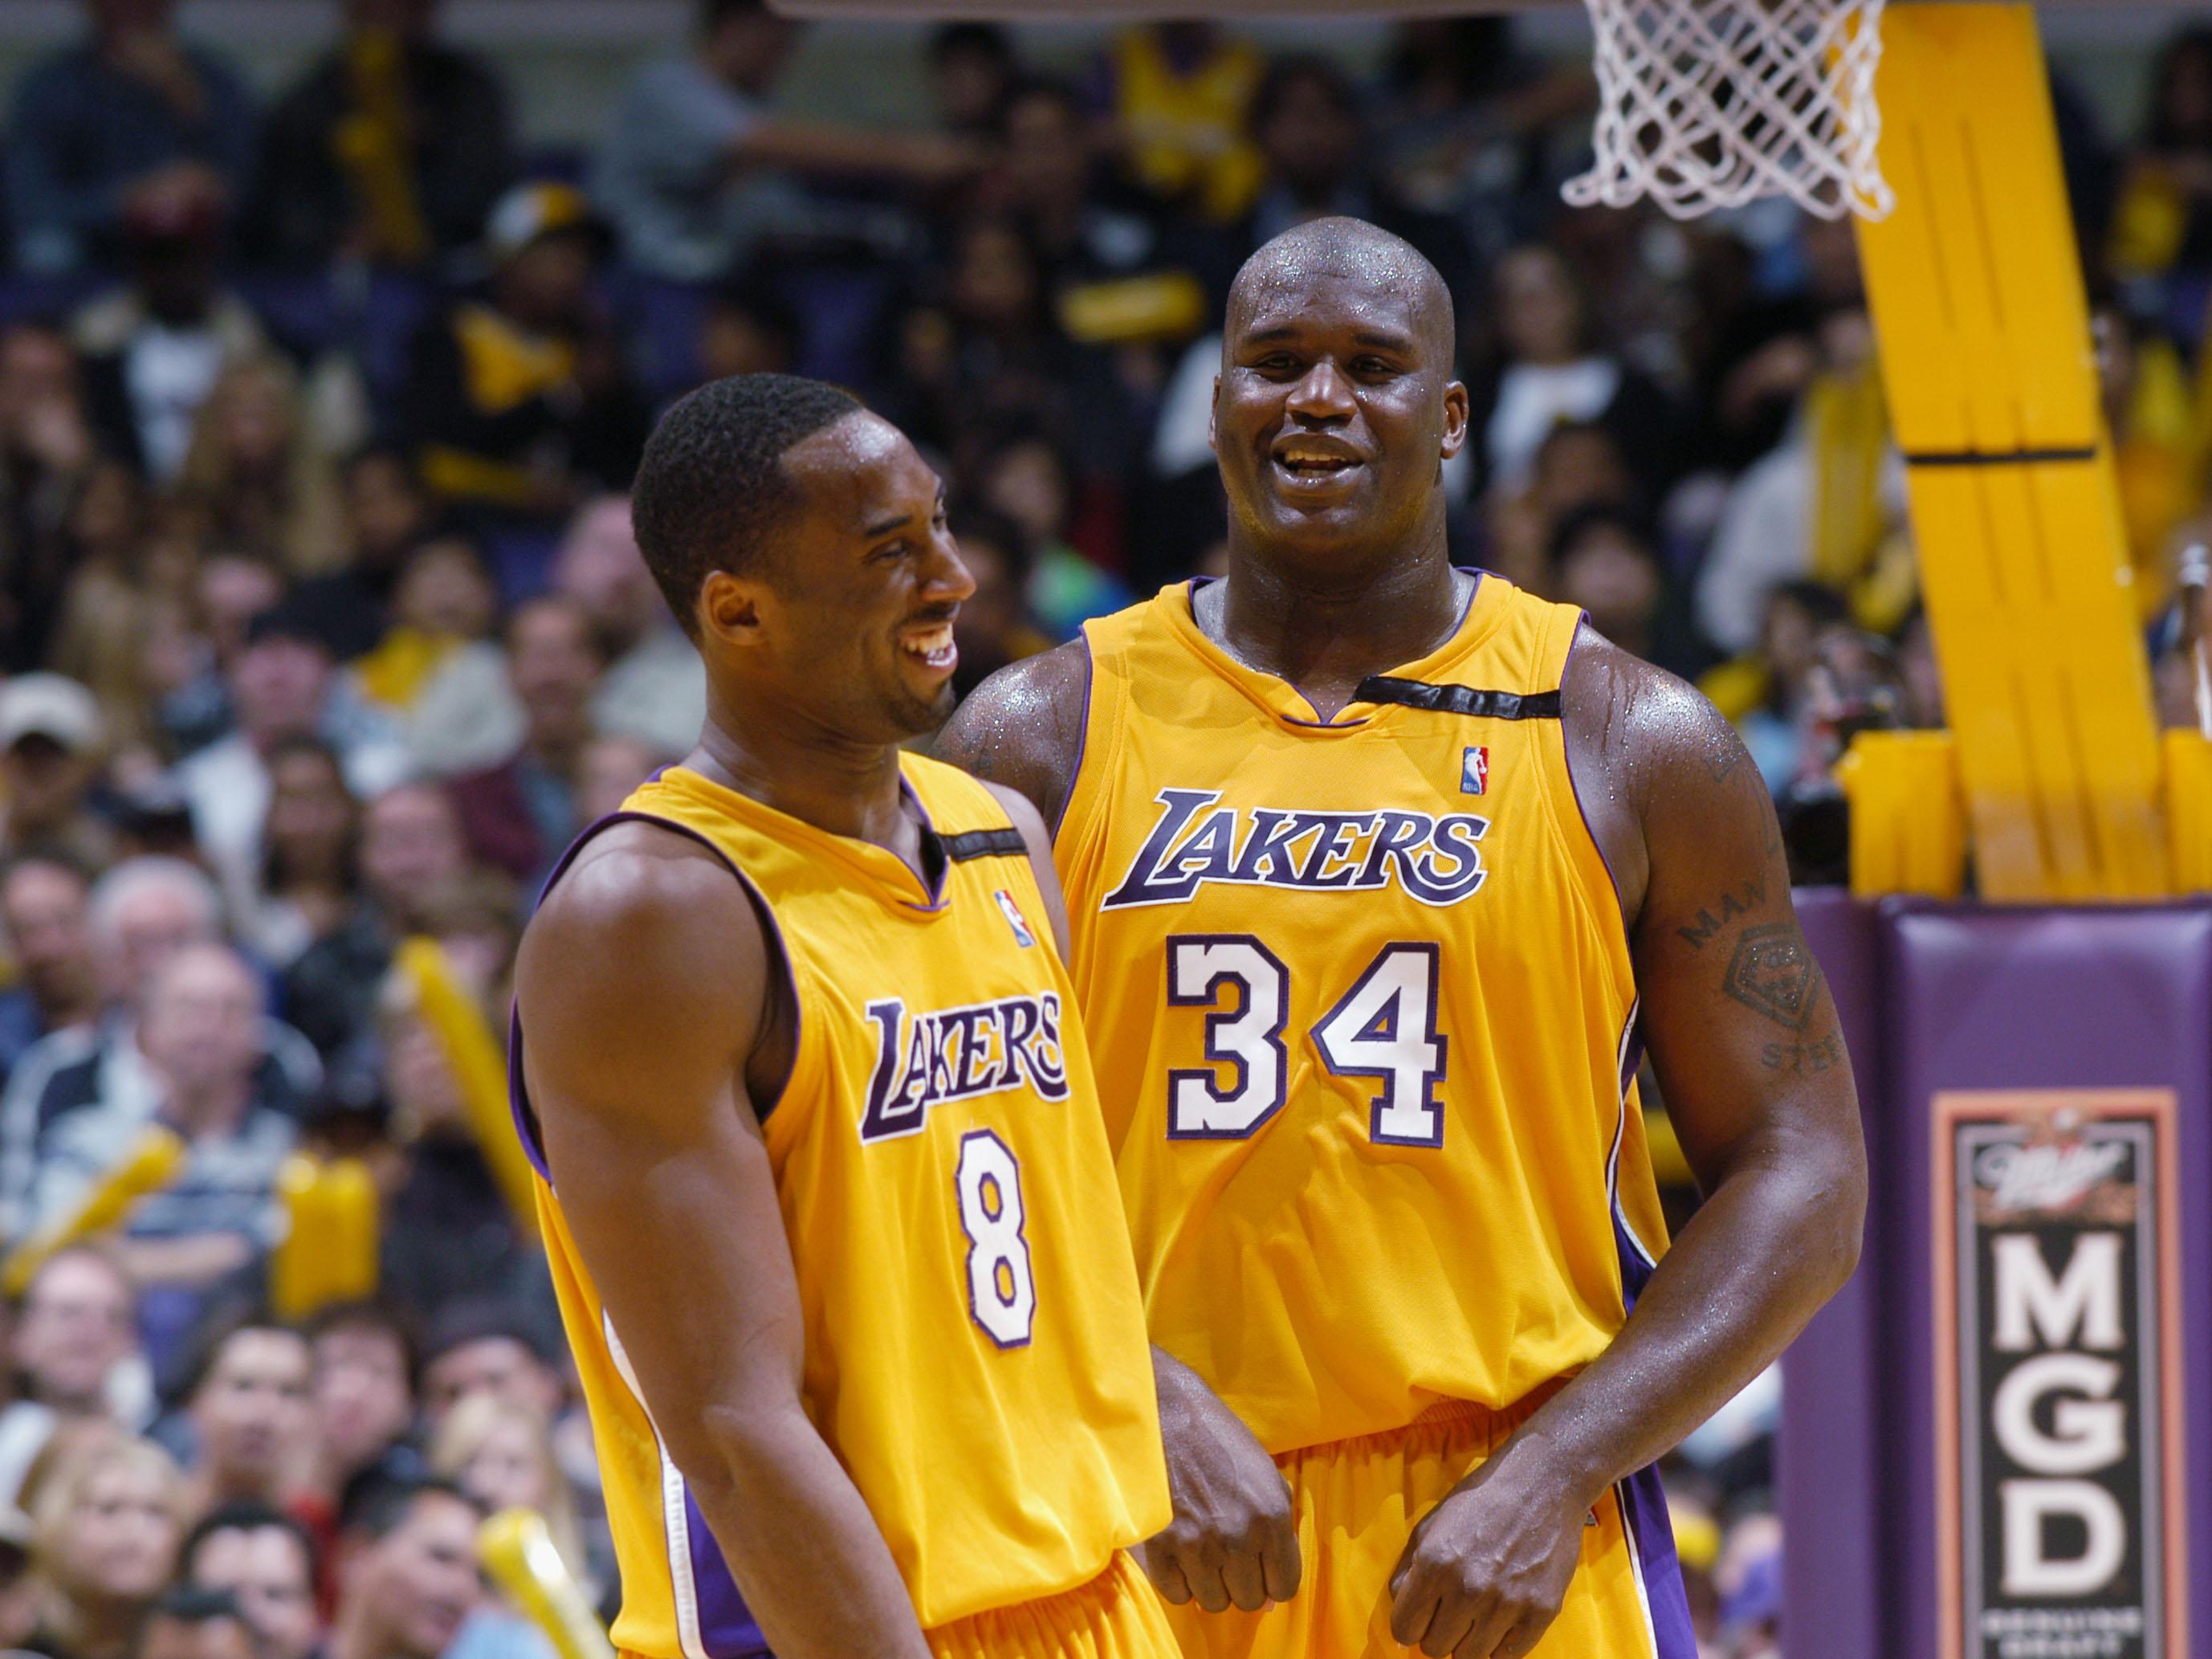 必進名人堂的5位球員:3大前鋒+2得分後衛,你是不是已經猜到了?-Haters-黑特籃球NBA新聞影音圖片分享社區